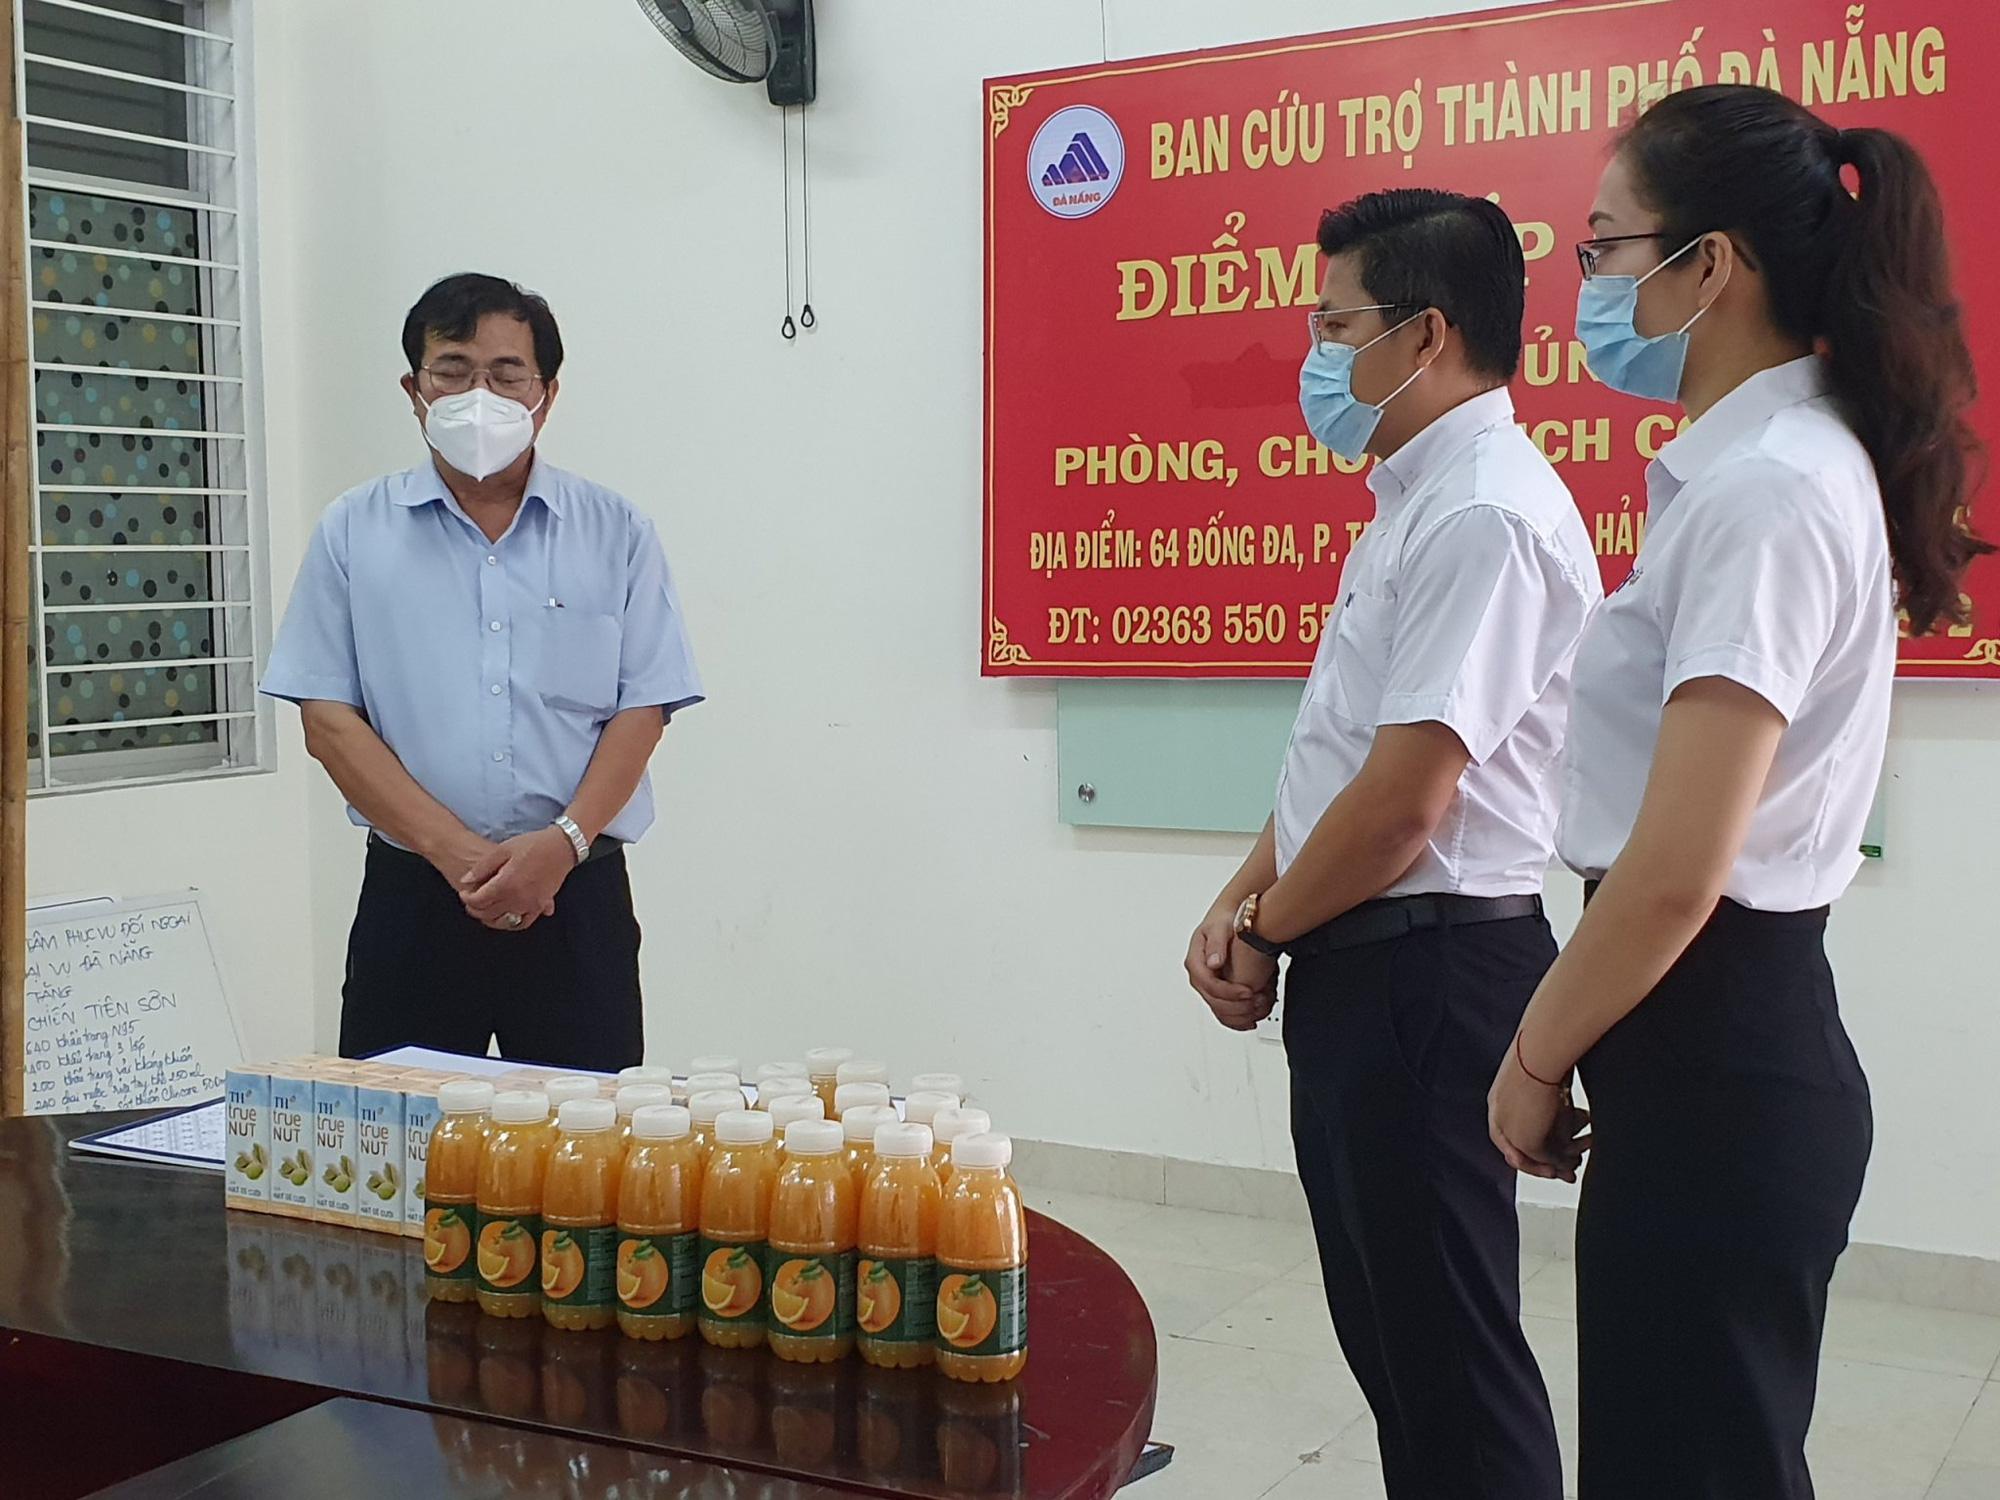 Tập đoàn TH trao 50.000 ly sữa tiếp sức cho phòng chống dịch Covid-19 tại Đà Nẵng, Quảng Nam - Ảnh 4.